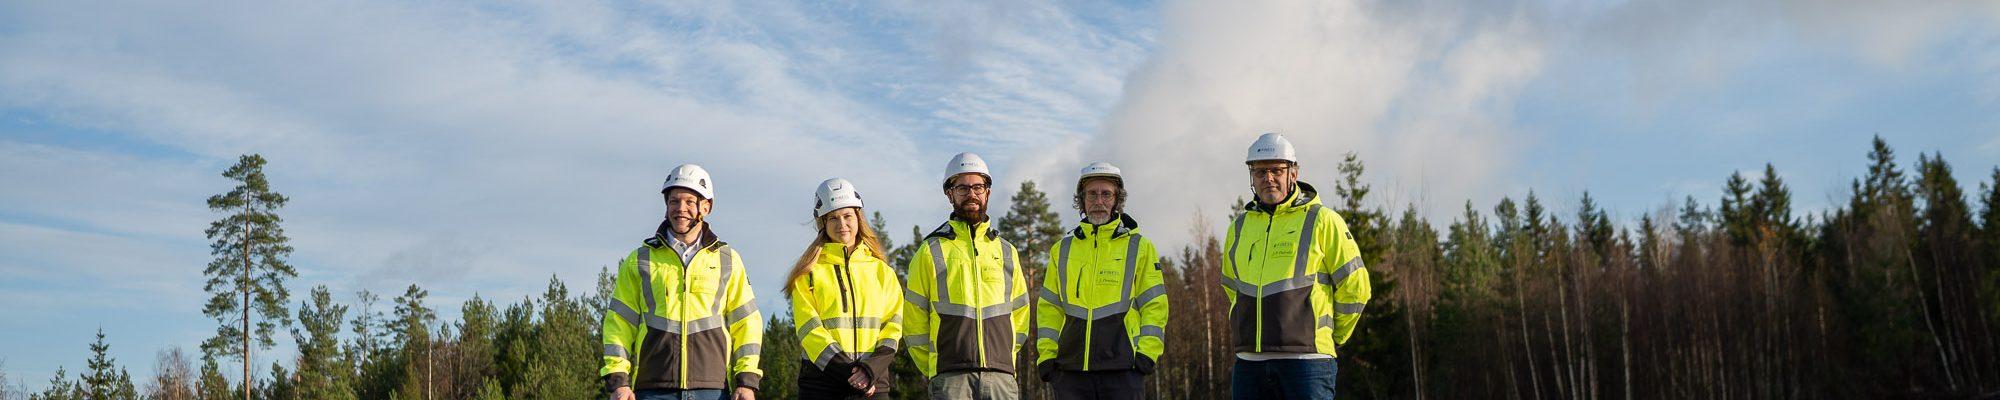 Biokaasun puhdistuslaitteisto Oulussa on suunniteltu kylmiin olosuhteisiin